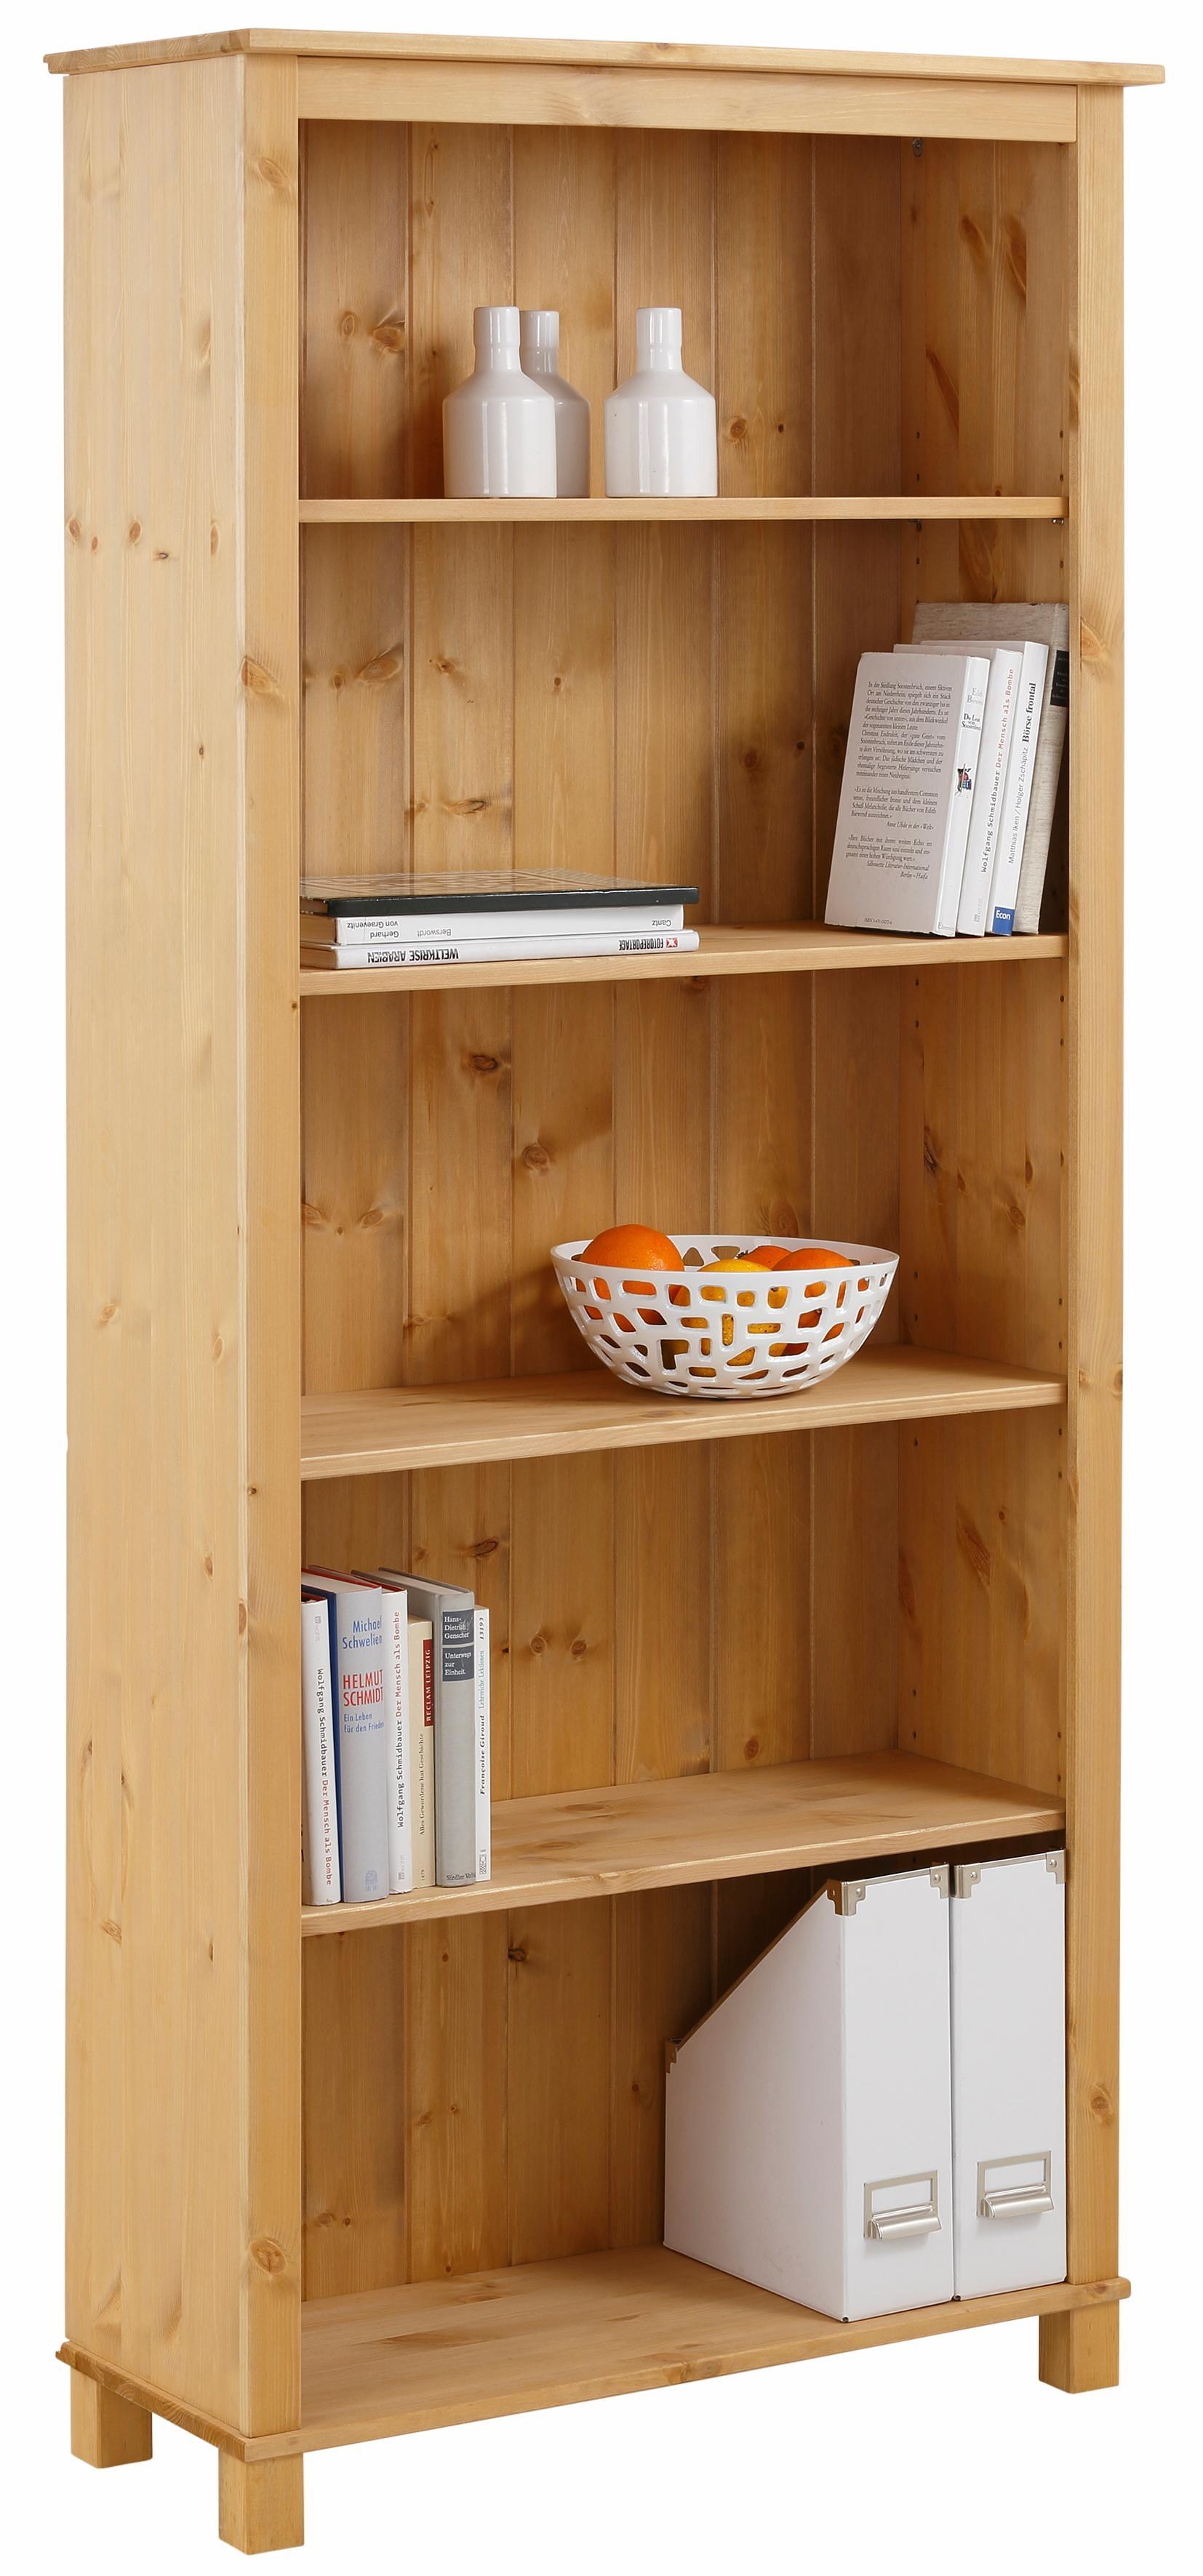 boekenkasten kopen veel verschillende betaalmethodes otto. Black Bedroom Furniture Sets. Home Design Ideas